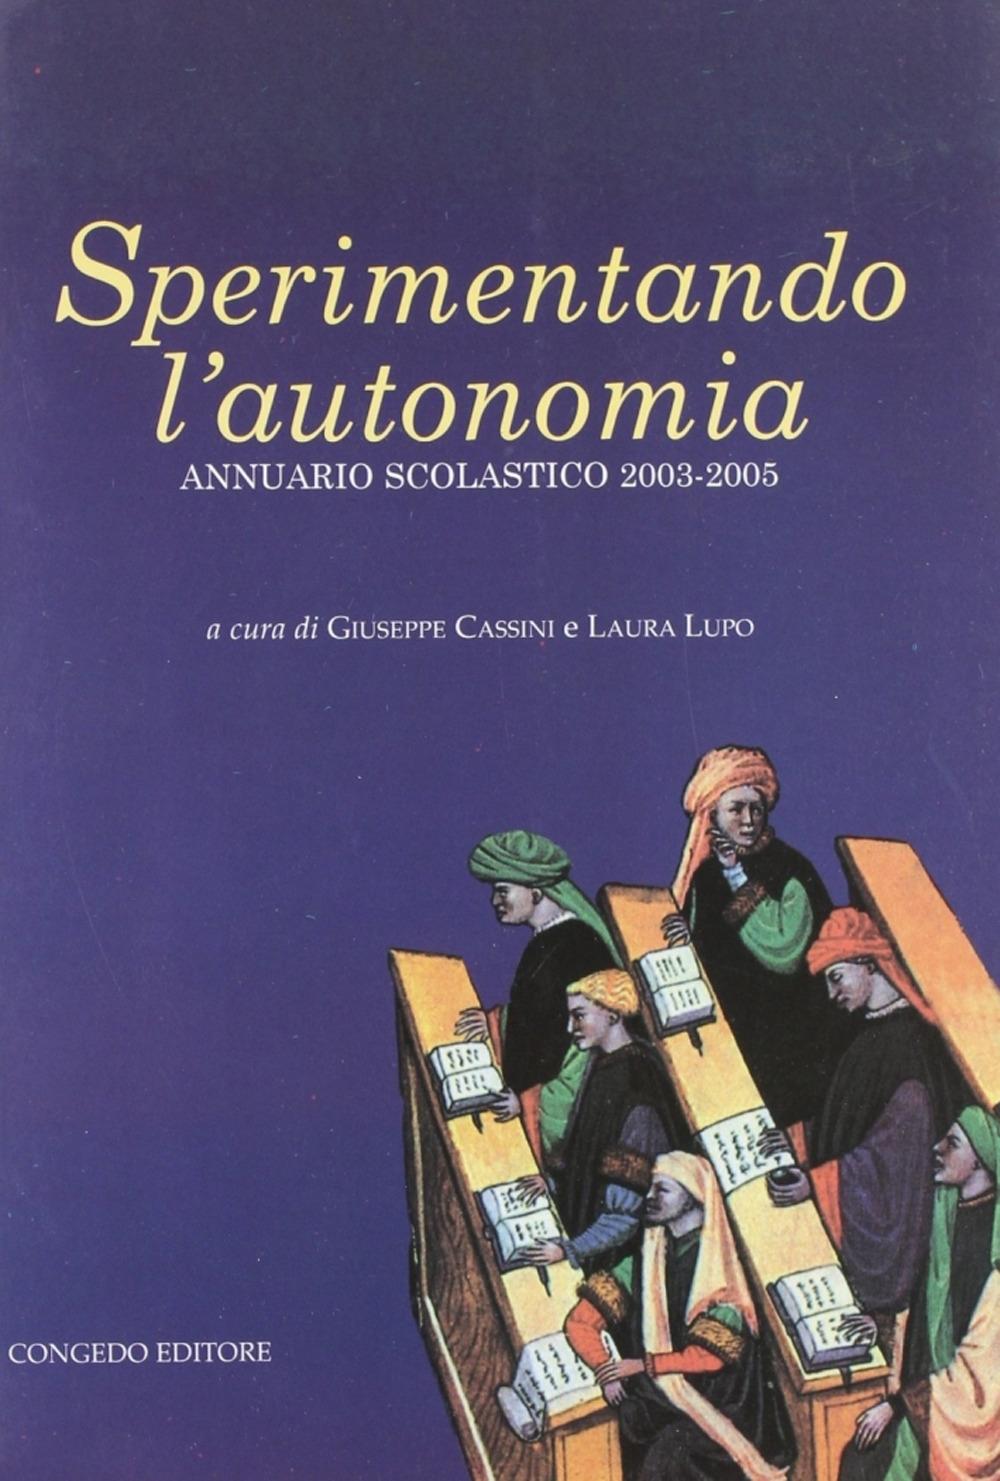 Sperimentando l'autonomia. Annuario scolastico 2003-2005